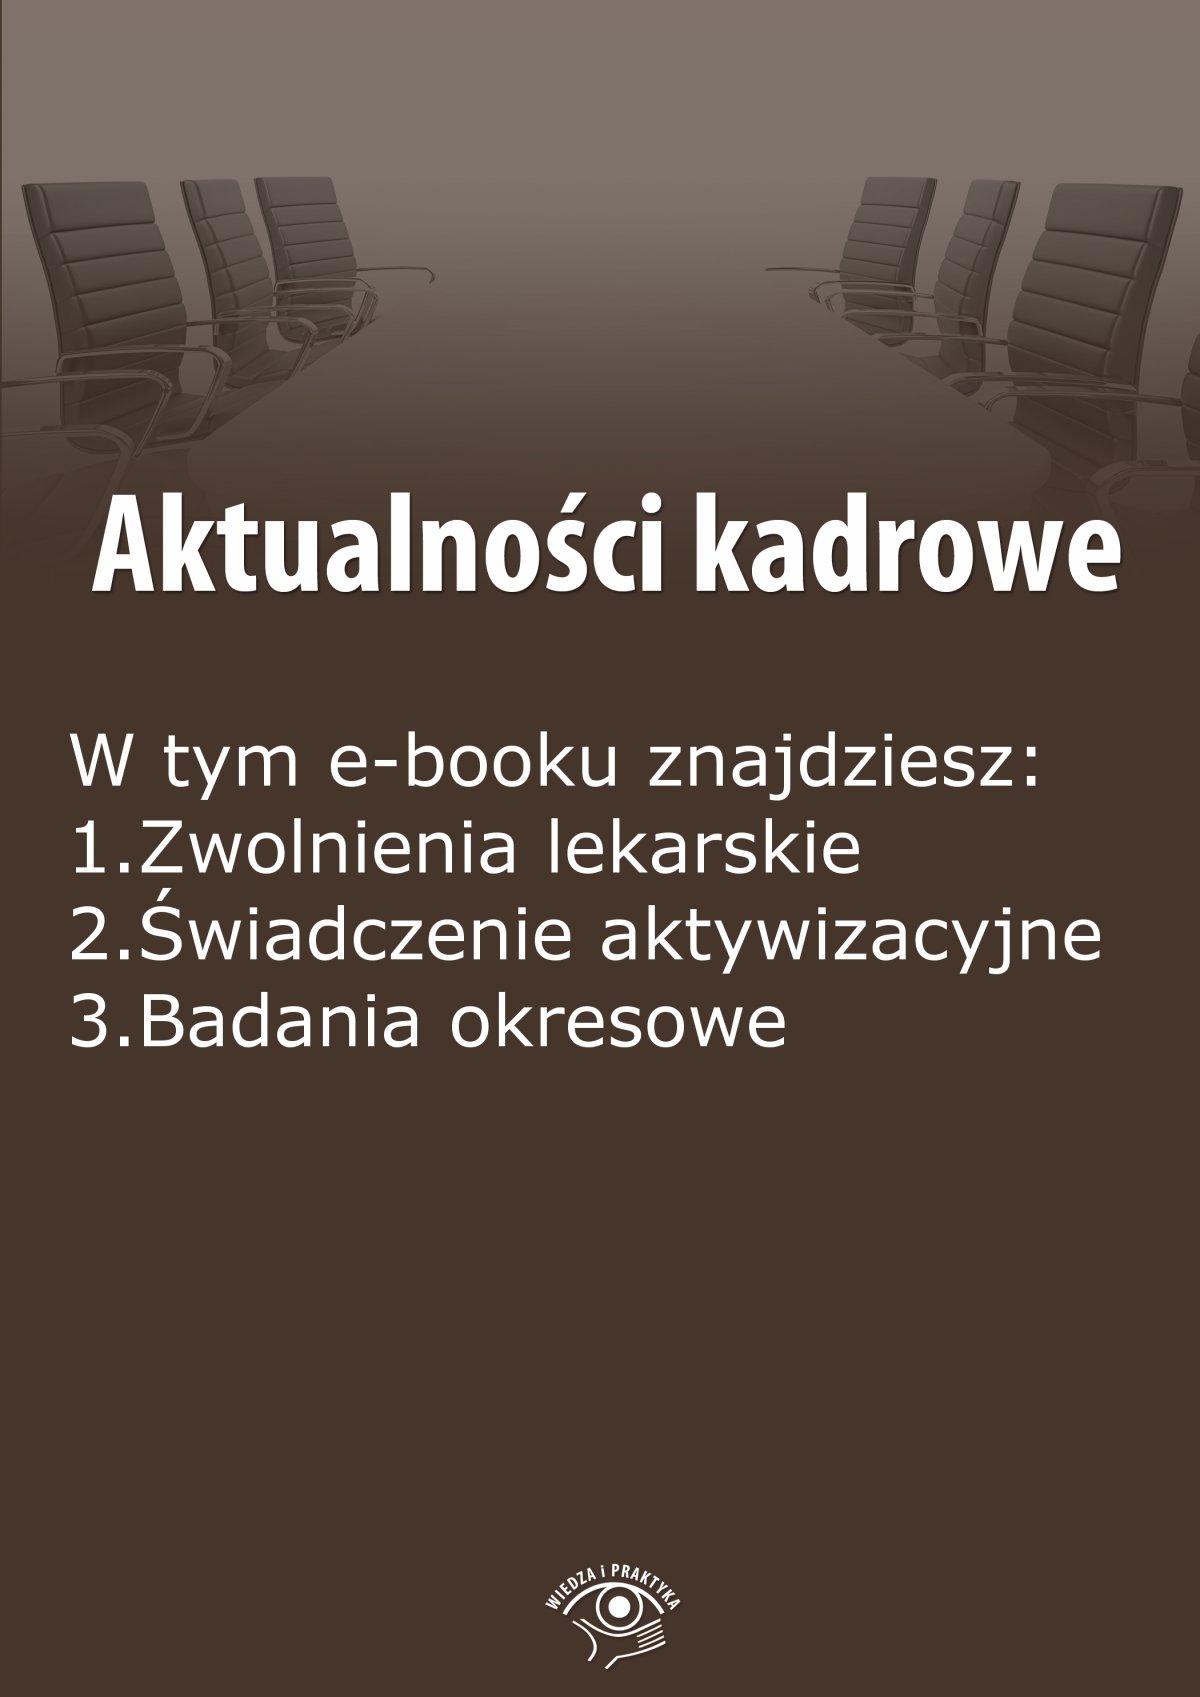 Aktualności kadrowe, wydanie wrzesień-październik 2014 r. - Ebook (Książka EPUB) do pobrania w formacie EPUB